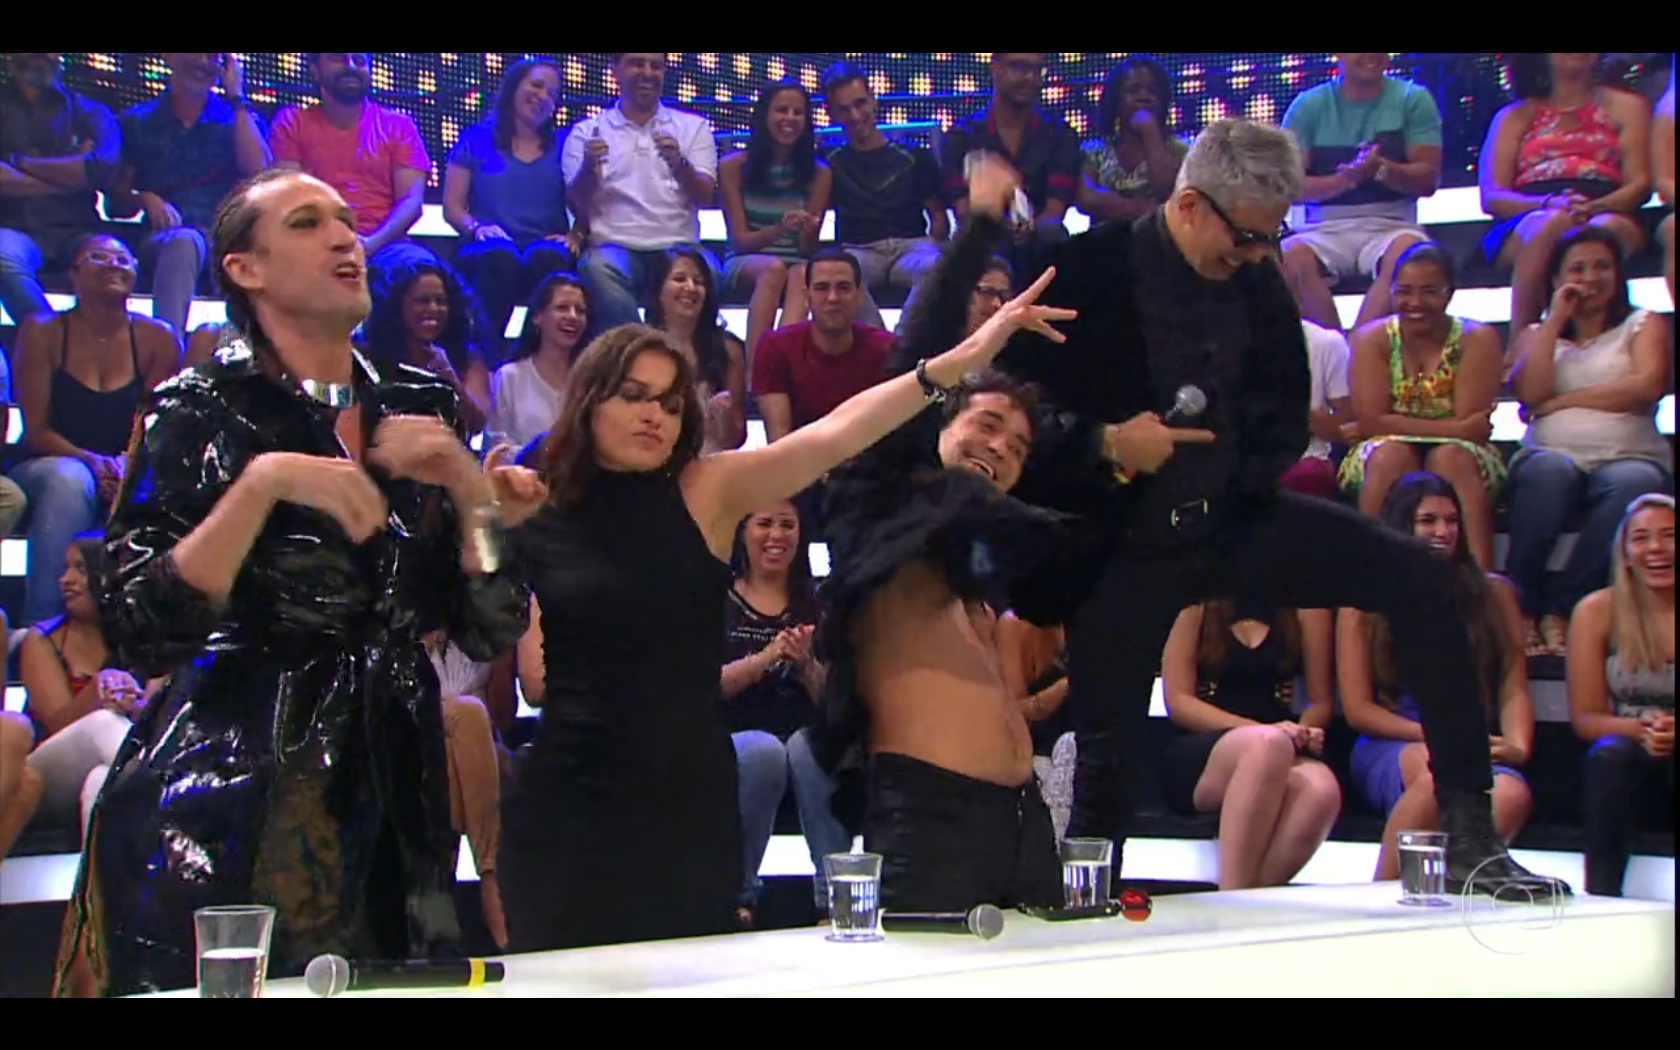 Dudu Bertholini, Mônica Iozzi, Eduardo Sterblicht e Otaviano Costa comemoram beijo na boca entre meninas